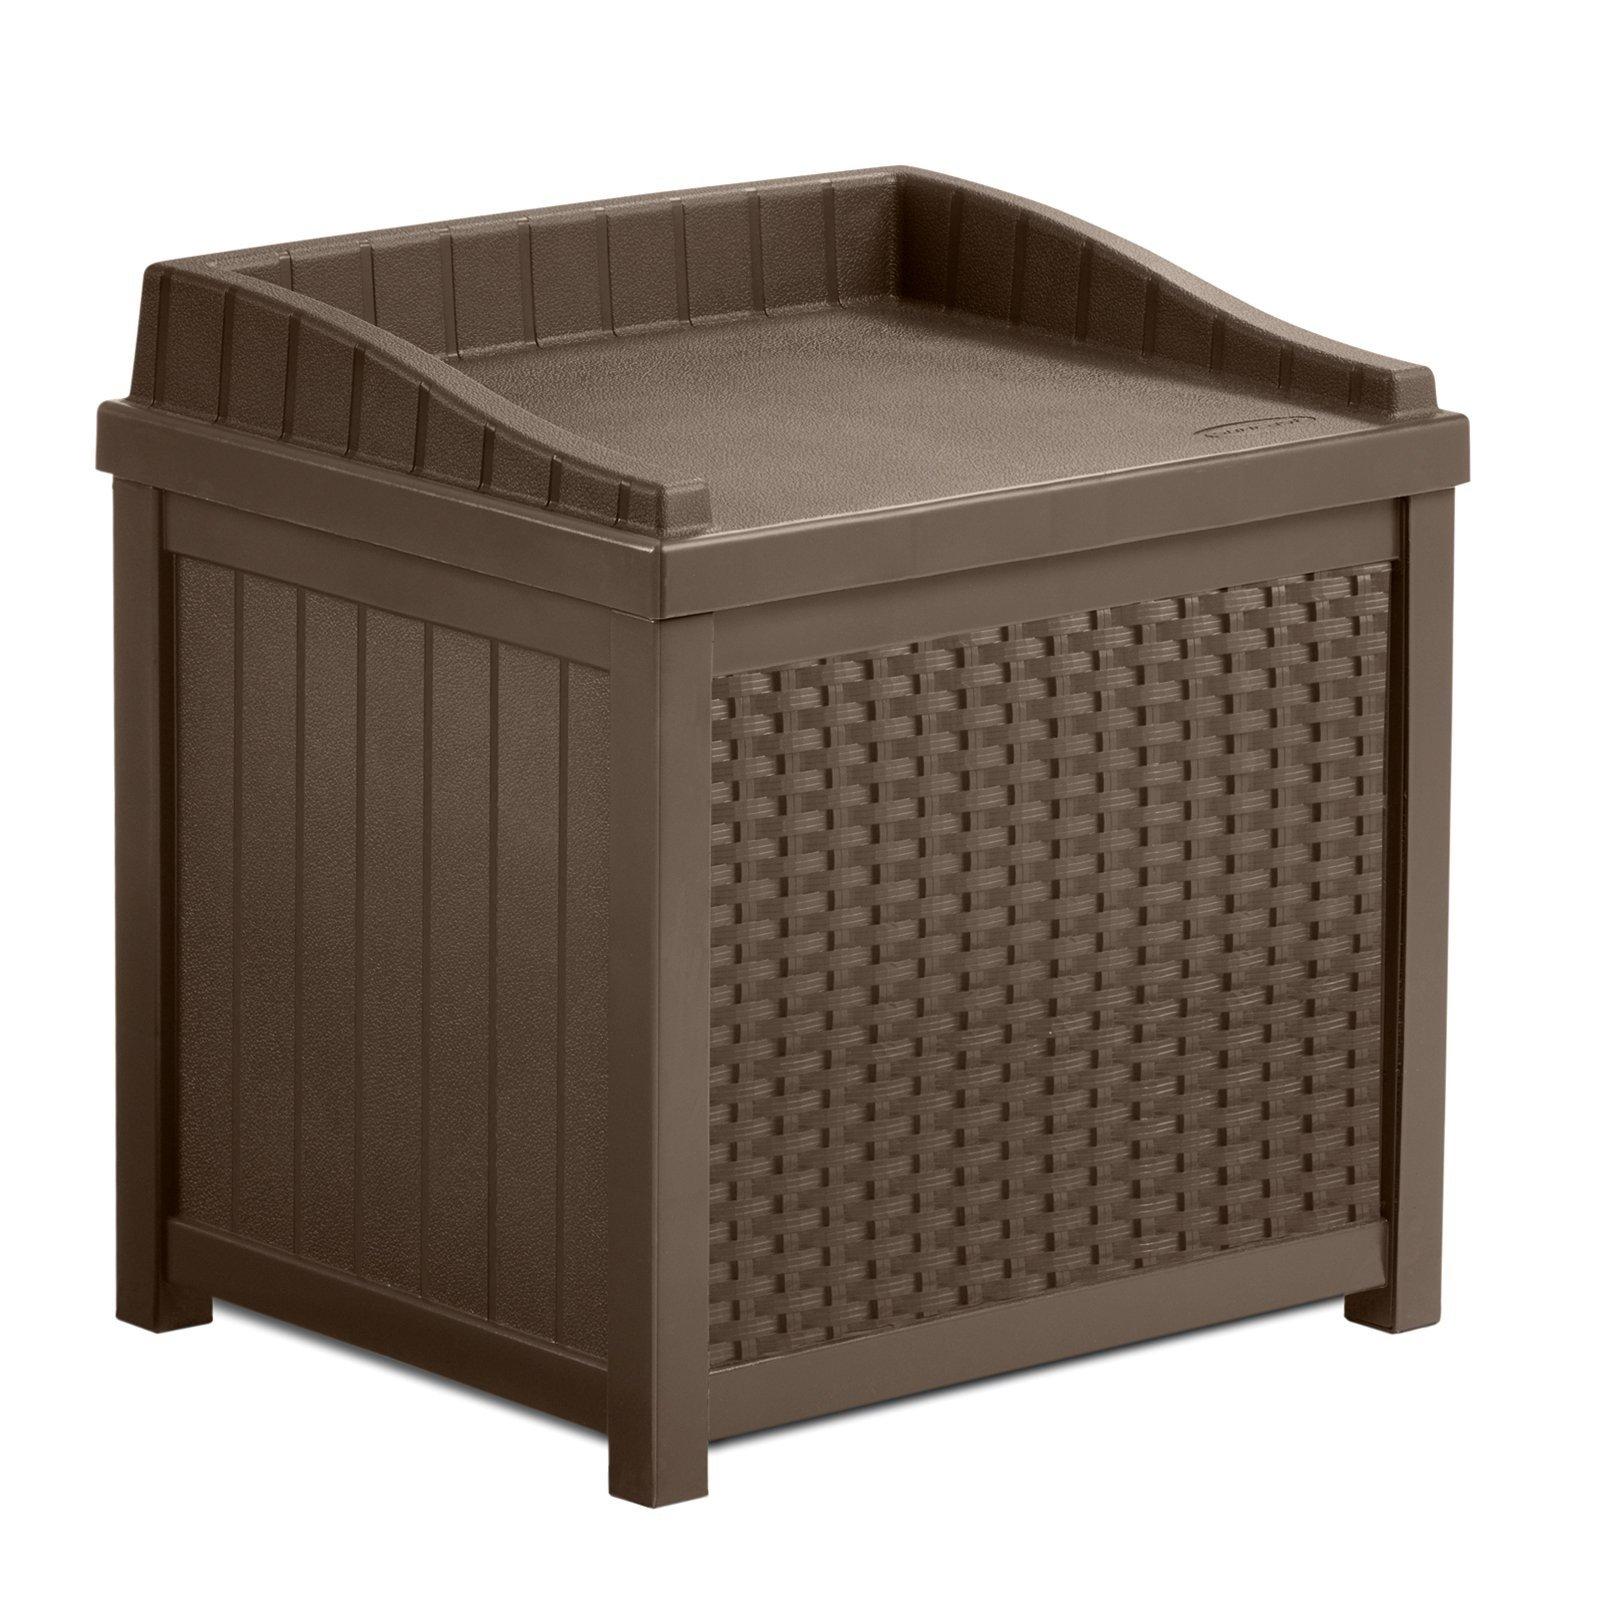 Deck Box Seat Storage Garden Supplies Outdoor Space Organized Yard Porch Decor